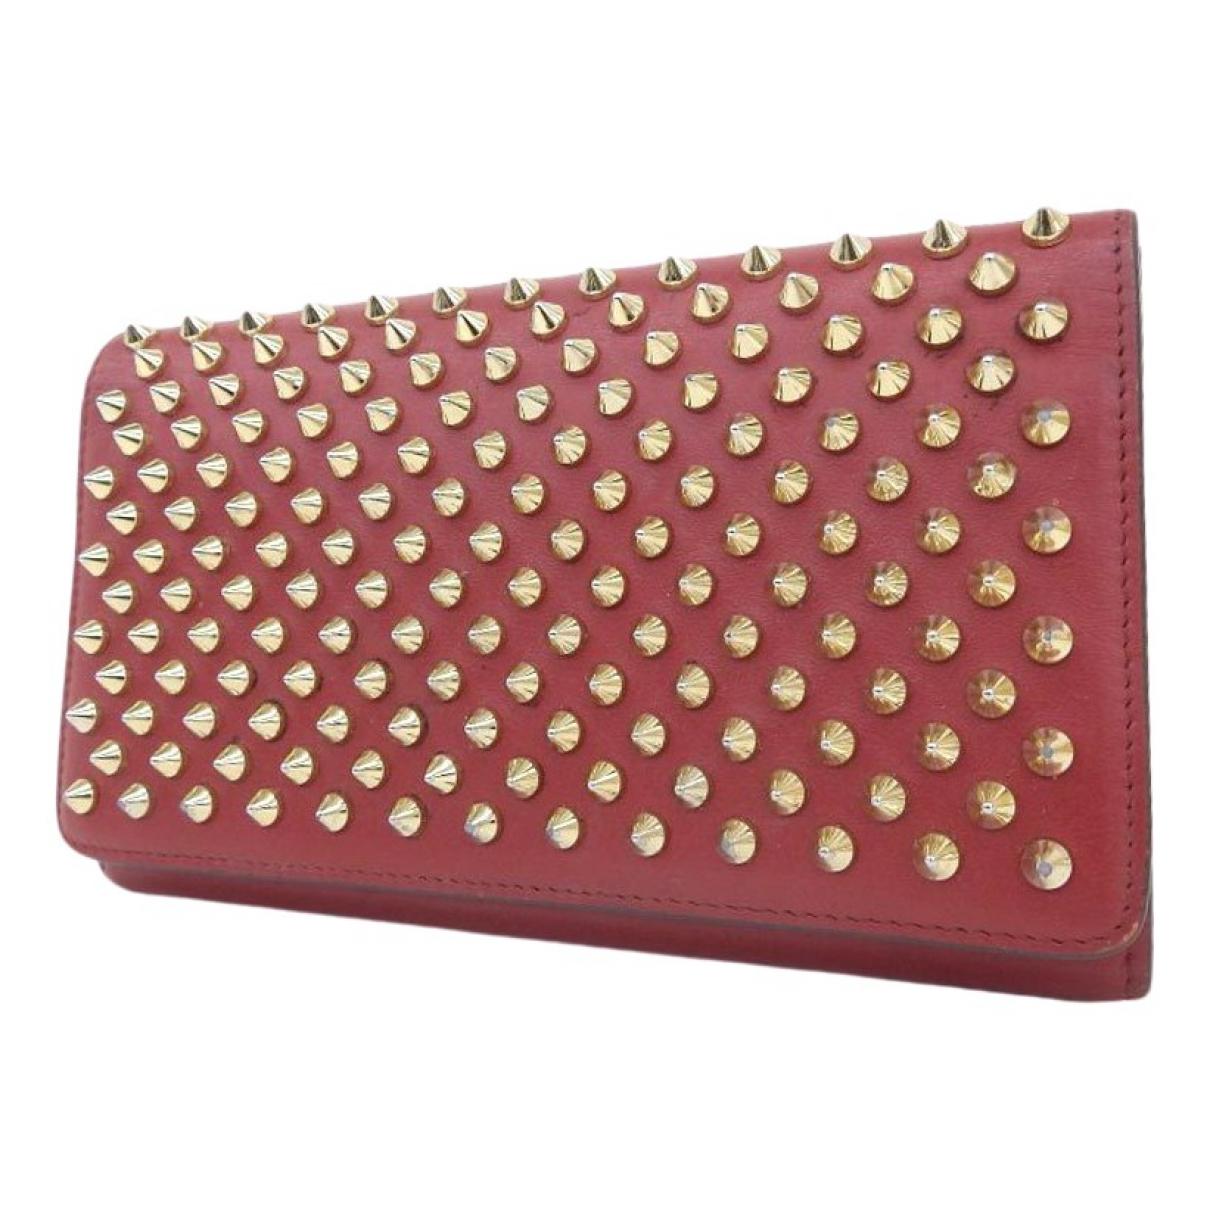 Christian Louboutin - Portefeuille   pour femme en cuir - rouge